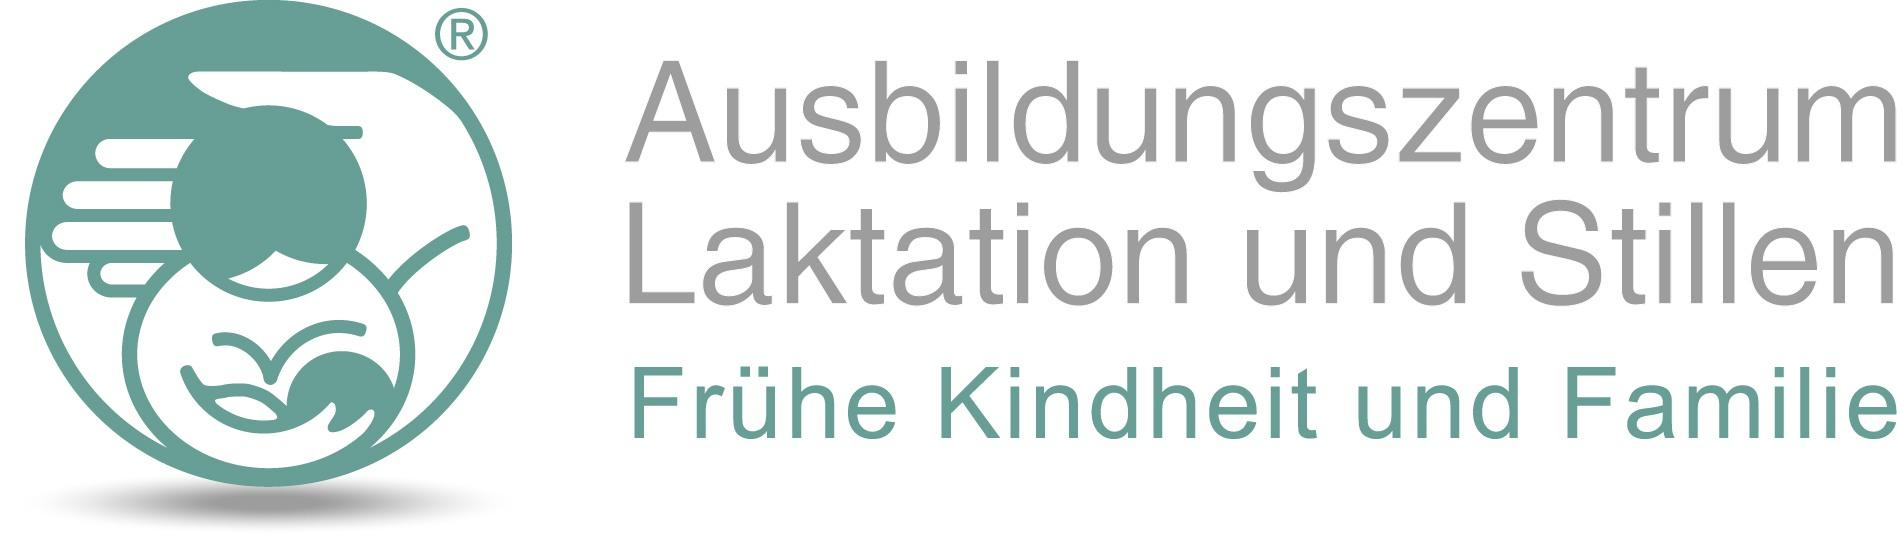 Ausbildungszentrum Laktation und Stillen